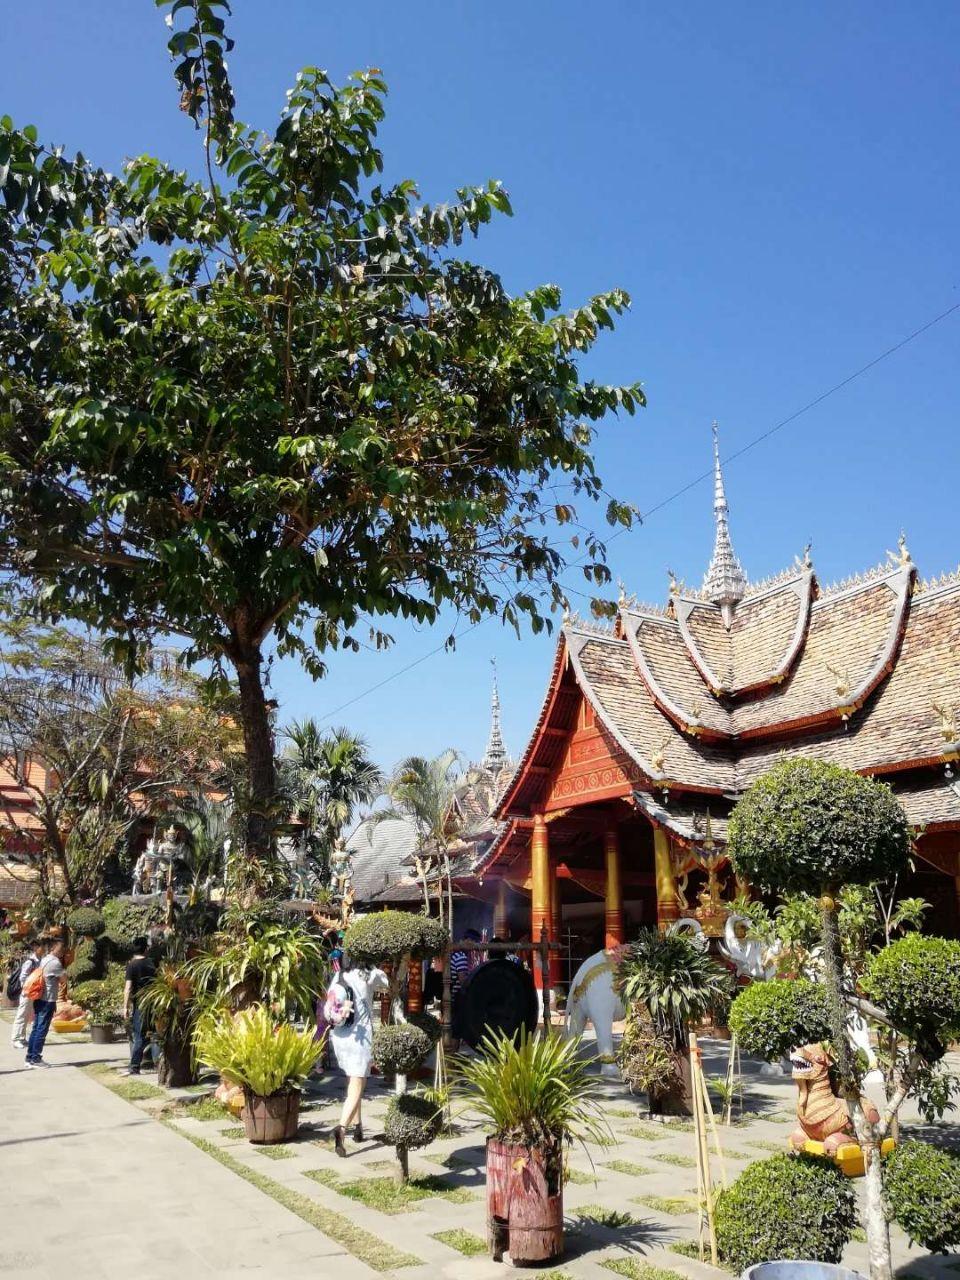 西双版纳傣族园位于景洪市东南的勐罕镇。傣族园由保存较完好的五个傣族自然村寨组成,分别是曼将、曼春满、曼听、曼乍、曼嘎。无论你走进哪一个寨子,都会看到典型的缅式佛塔和传统的傣家竹楼,感受到浓郁的傣家文化。 走进景区大门,首先是迎宾广场,在这里接受热情的傣家人跳迎宾舞、唱祝辞、洒水祝福。之后来到曼春满古佛寺,这是西双版纳古老的佛寺之一,已有1400多年的历史,进到寺中,可在琅琅的诵经声中拜佛、祈福。 西双版纳傣家人隆重的节日莫过于泼水节,在傣族园的泼水广场,你可以感受到这热烈的场面。这里天天都是泼水节,上百